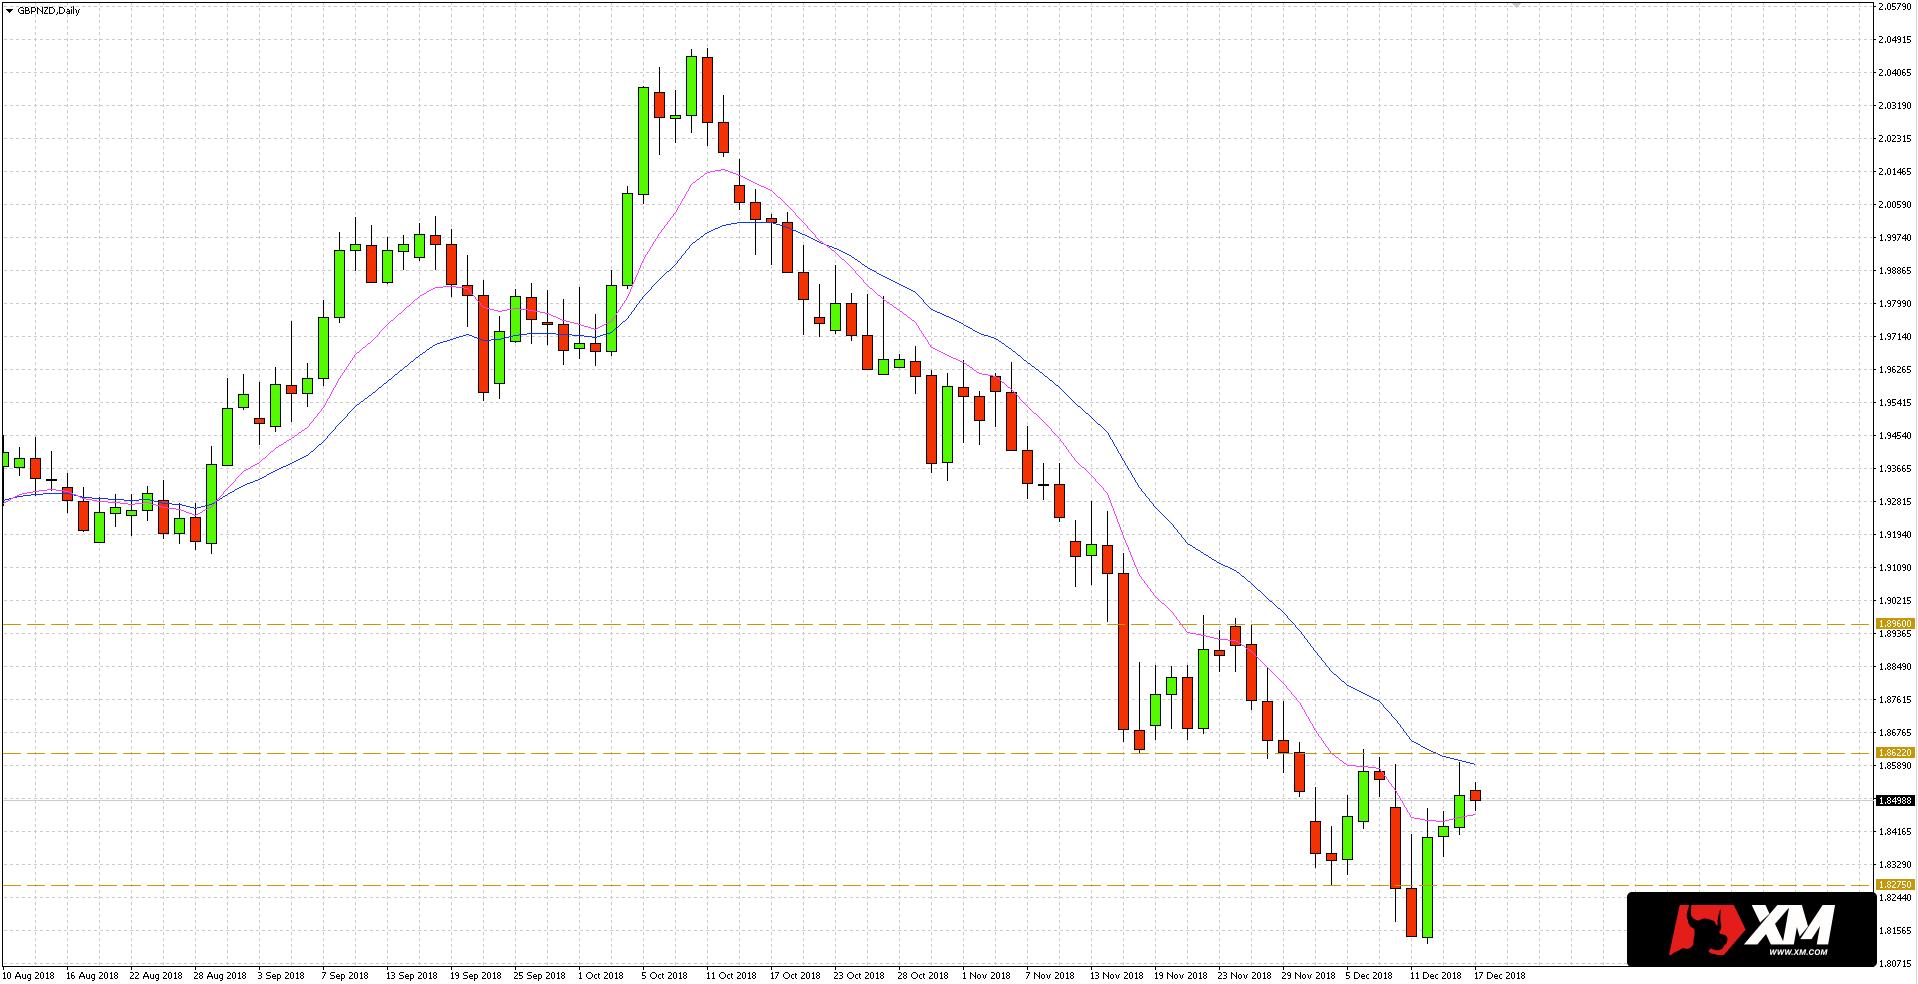 Po przejściu na wykres dzienny GBP/NZD widzimy, że kurs po odbiciu dotarł do strefy konfluencji, gdzie horyzontalny poziom 1.8622 zbiega się z kanałem średnich EMA 10/20